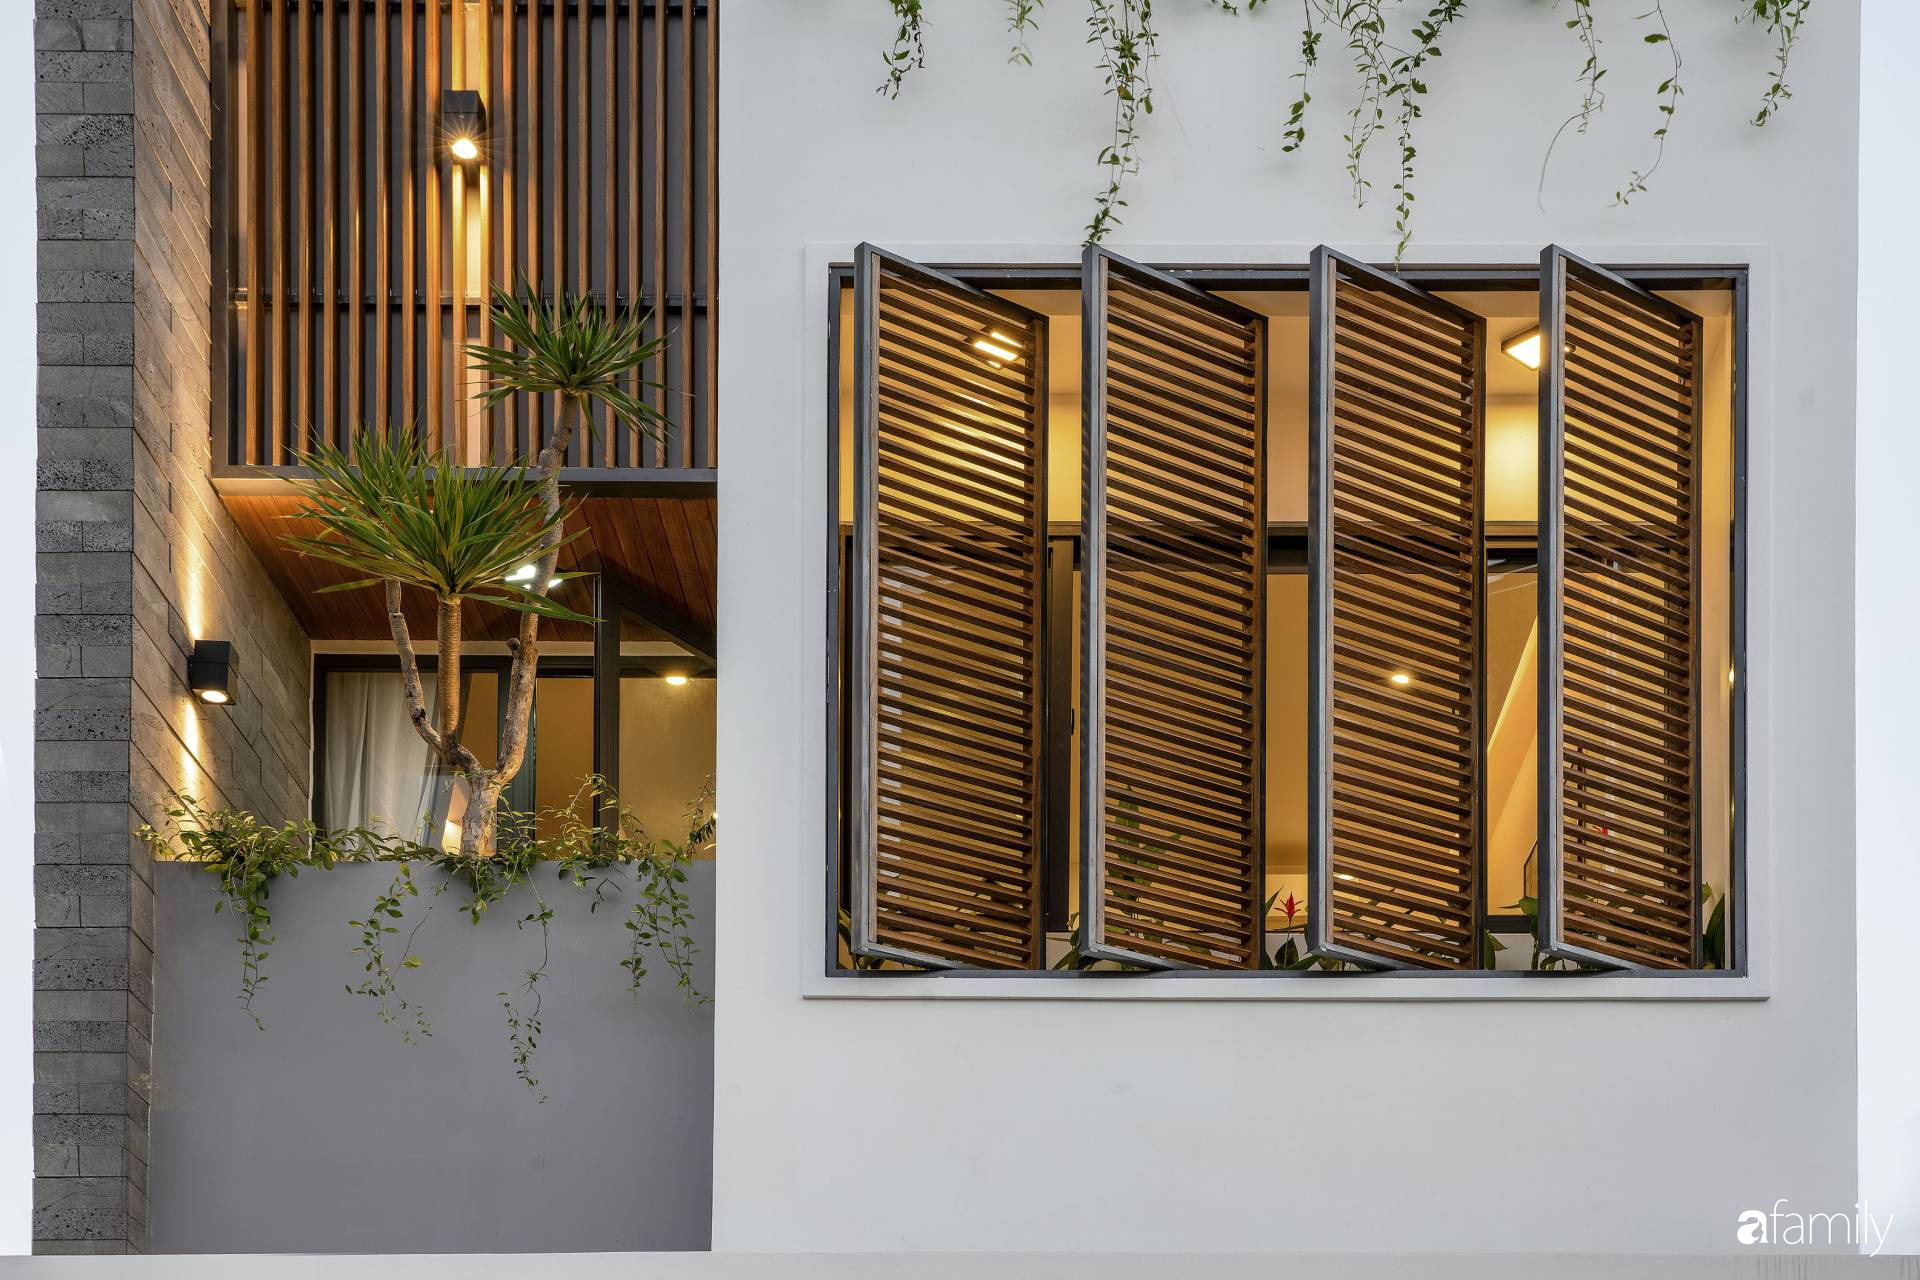 Ngôi nhà 100m2 thiết kế thông minh, tiện lợi dành cho gia đình 3 thế hệ ở Đà Nẵng - Ảnh 2.